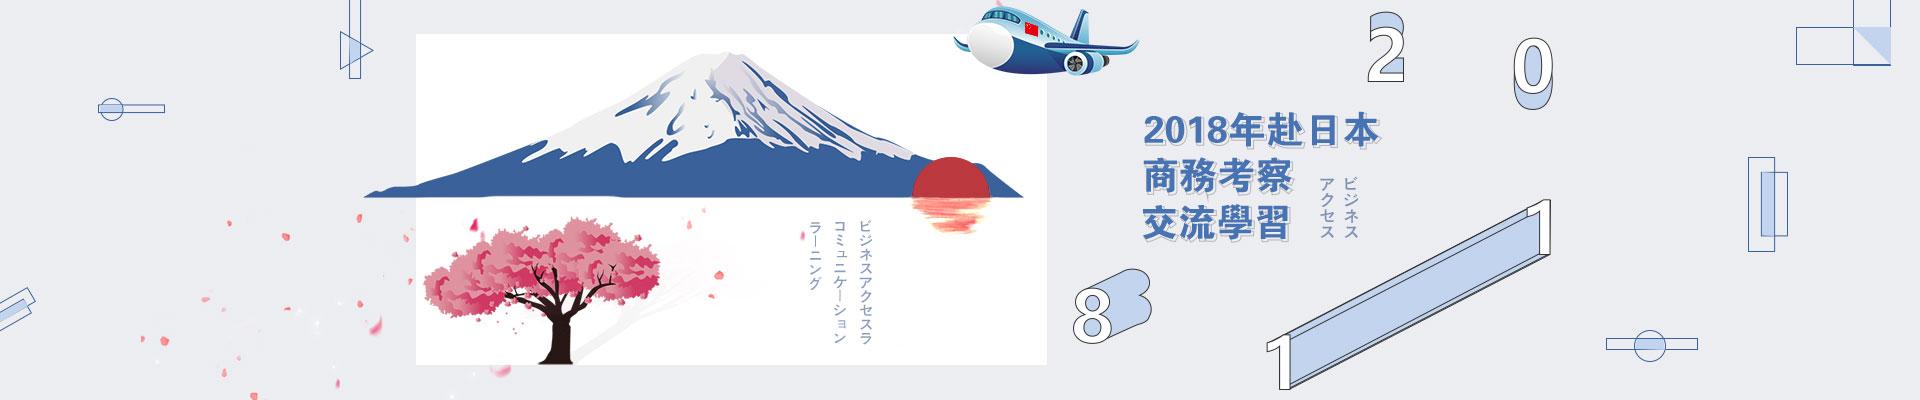 2018年赴日本商务考察交流学习